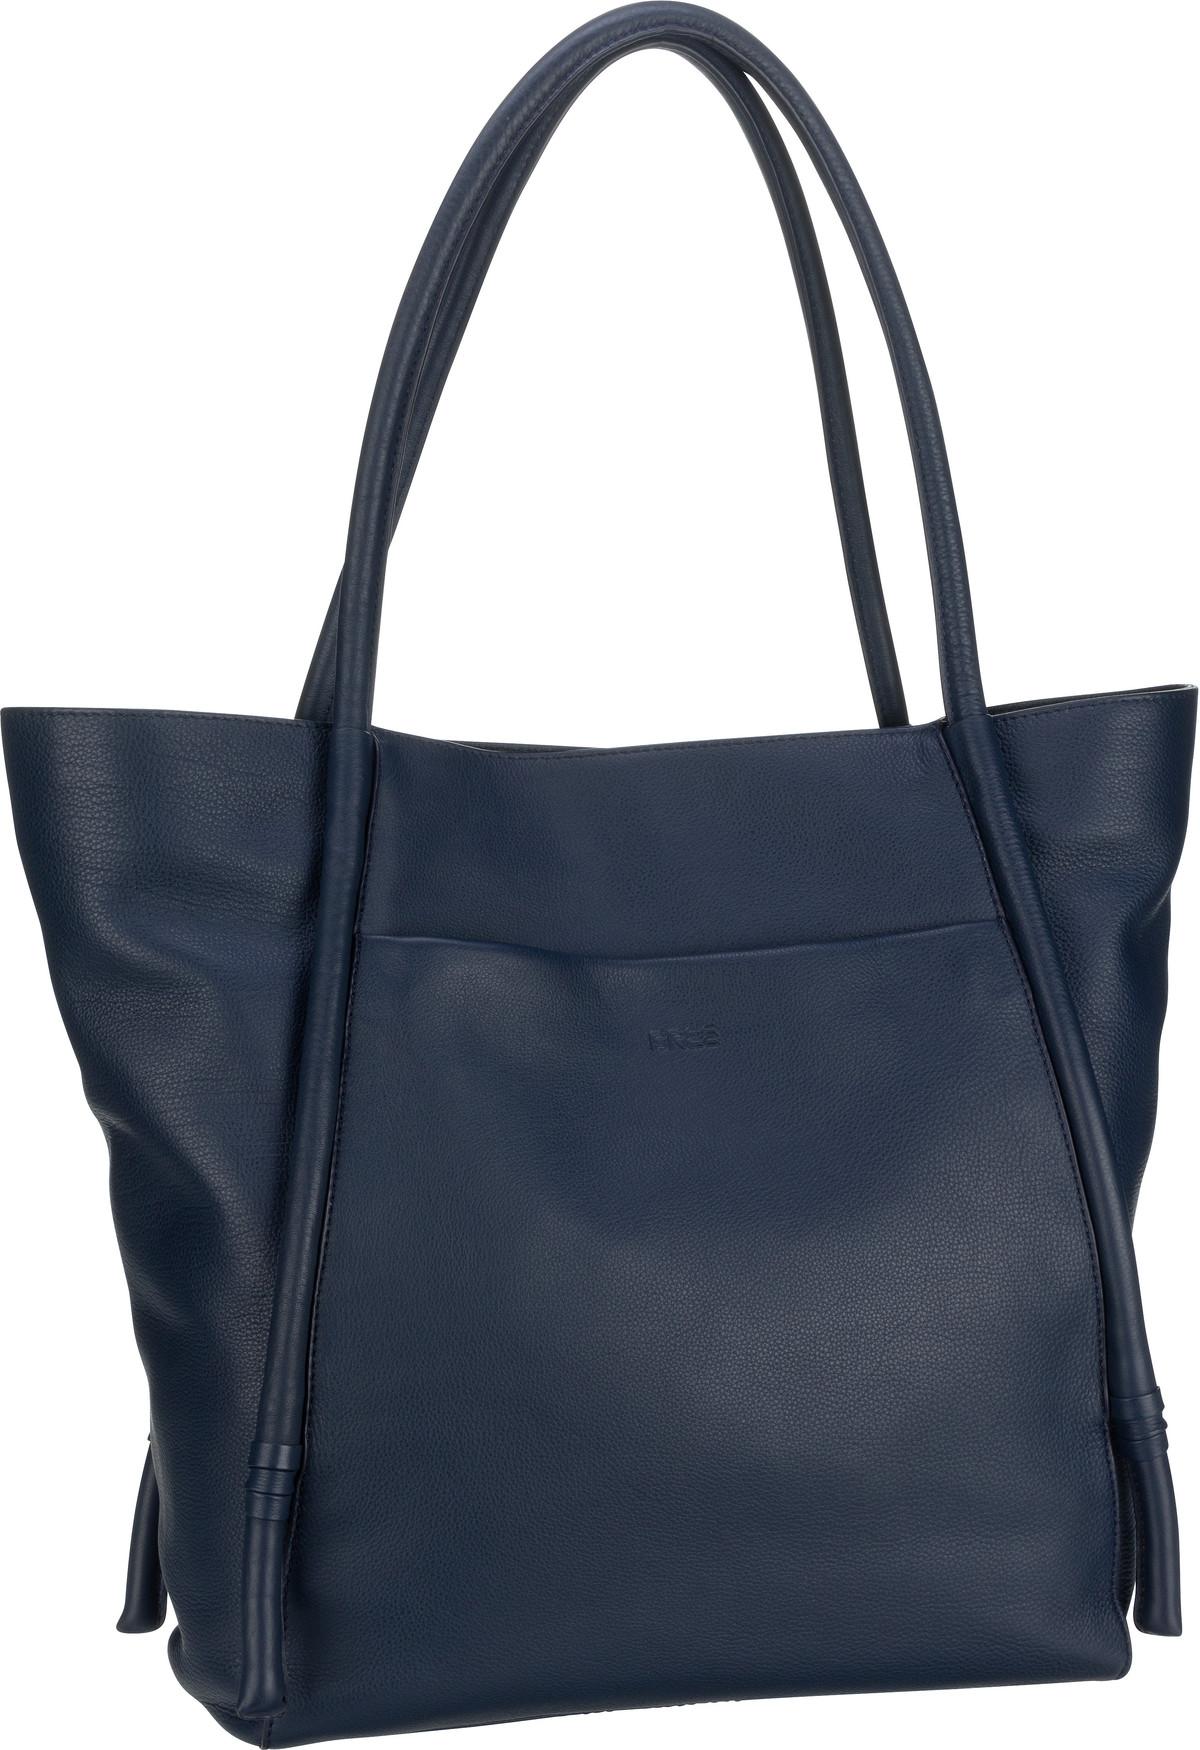 Handtasche Lofty 1 Navy Blazer (14 Liter)